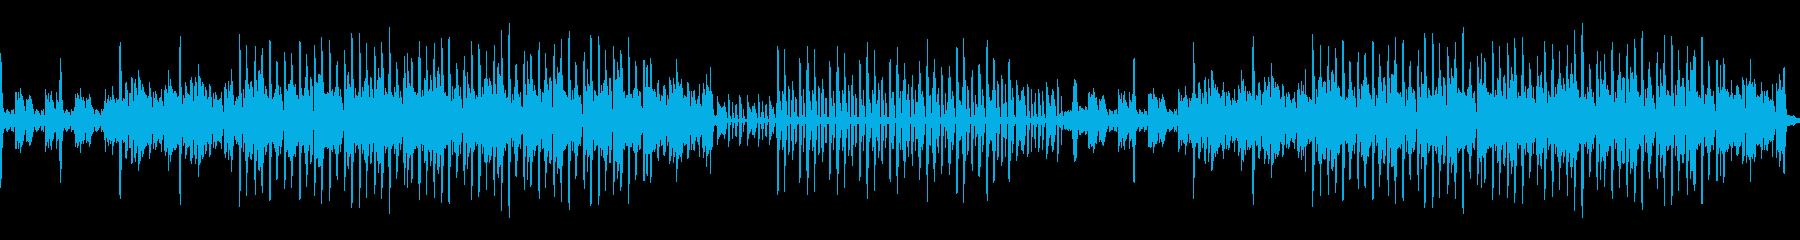 シンプルでダークなエレクトロニカ系BGMの再生済みの波形